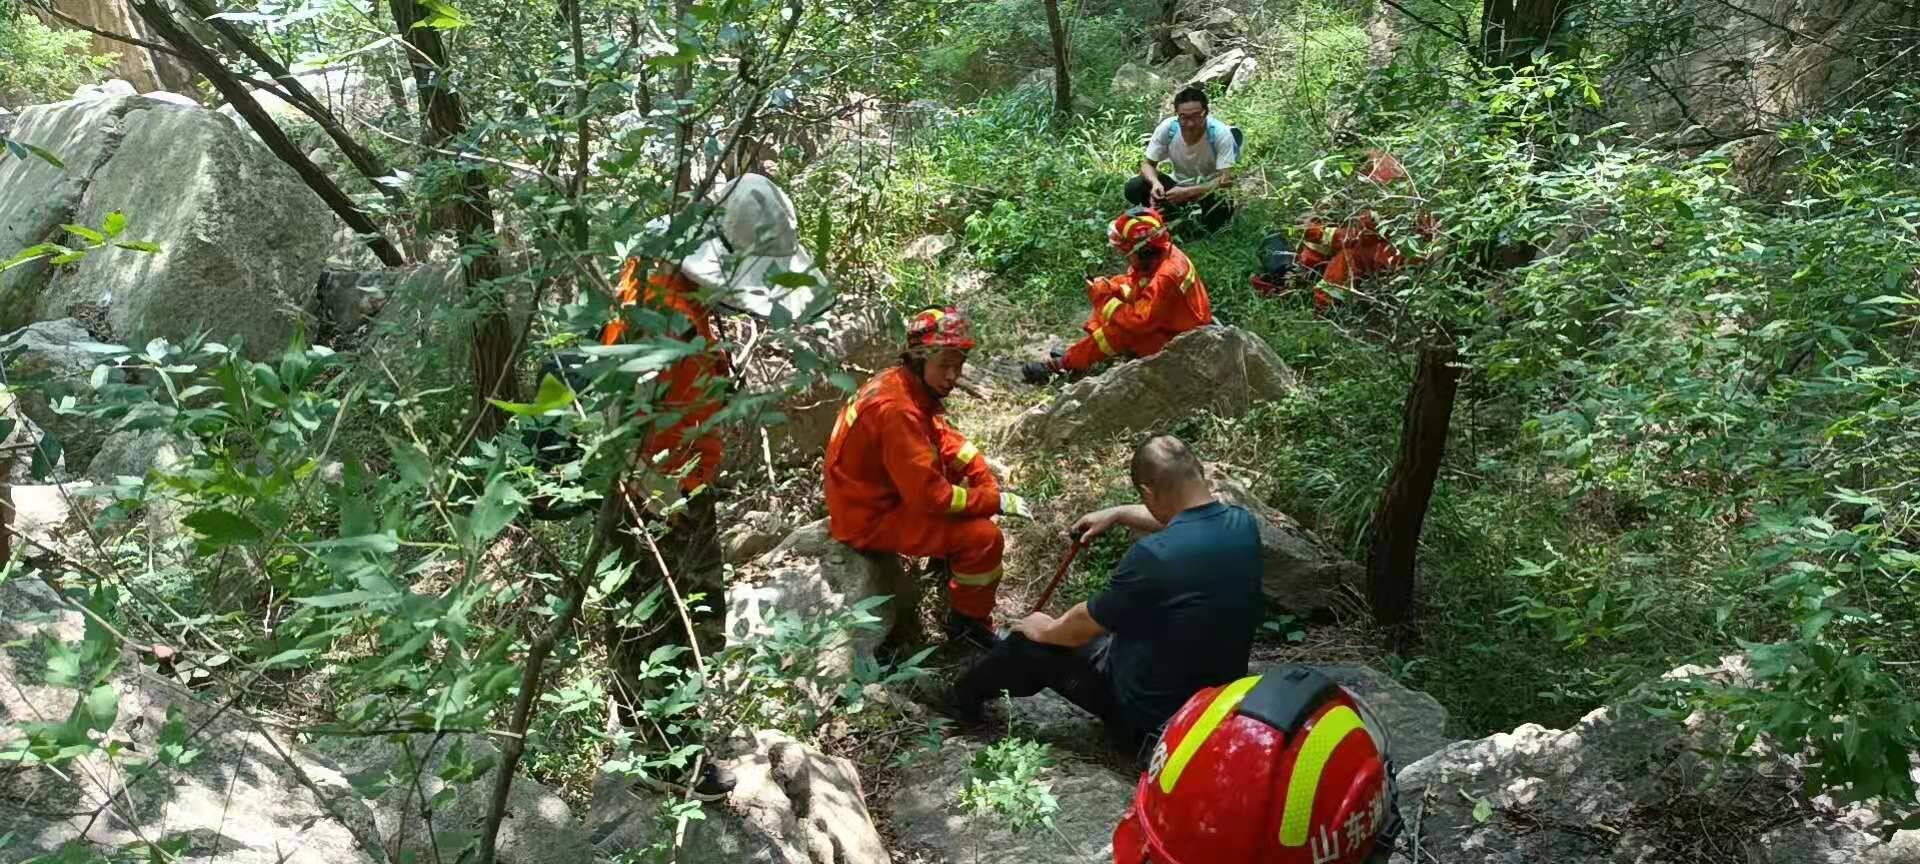 济南一男子探险不慎被困山中 消防火速救援